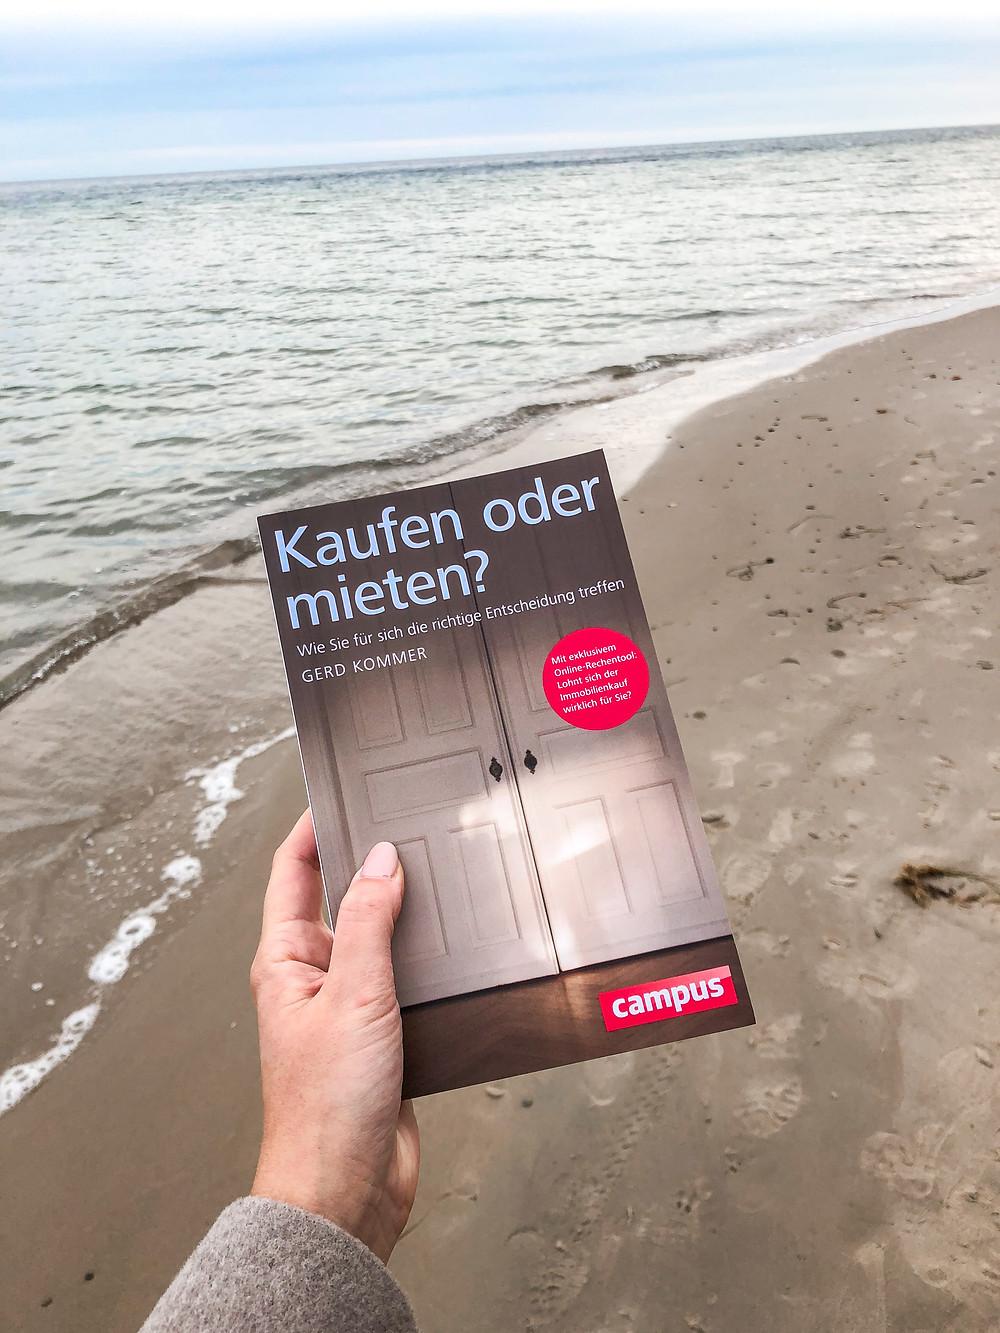 In Kaufen oder Mieten erklärt Gerd Kommer ausführlich, warum es sich nicht mehr lohnt, ein Eigenheim zu besitzen und warum man mehr Geld haben kann, wenn man eine Wohnung mietet, anstatt sie zu kaufen.